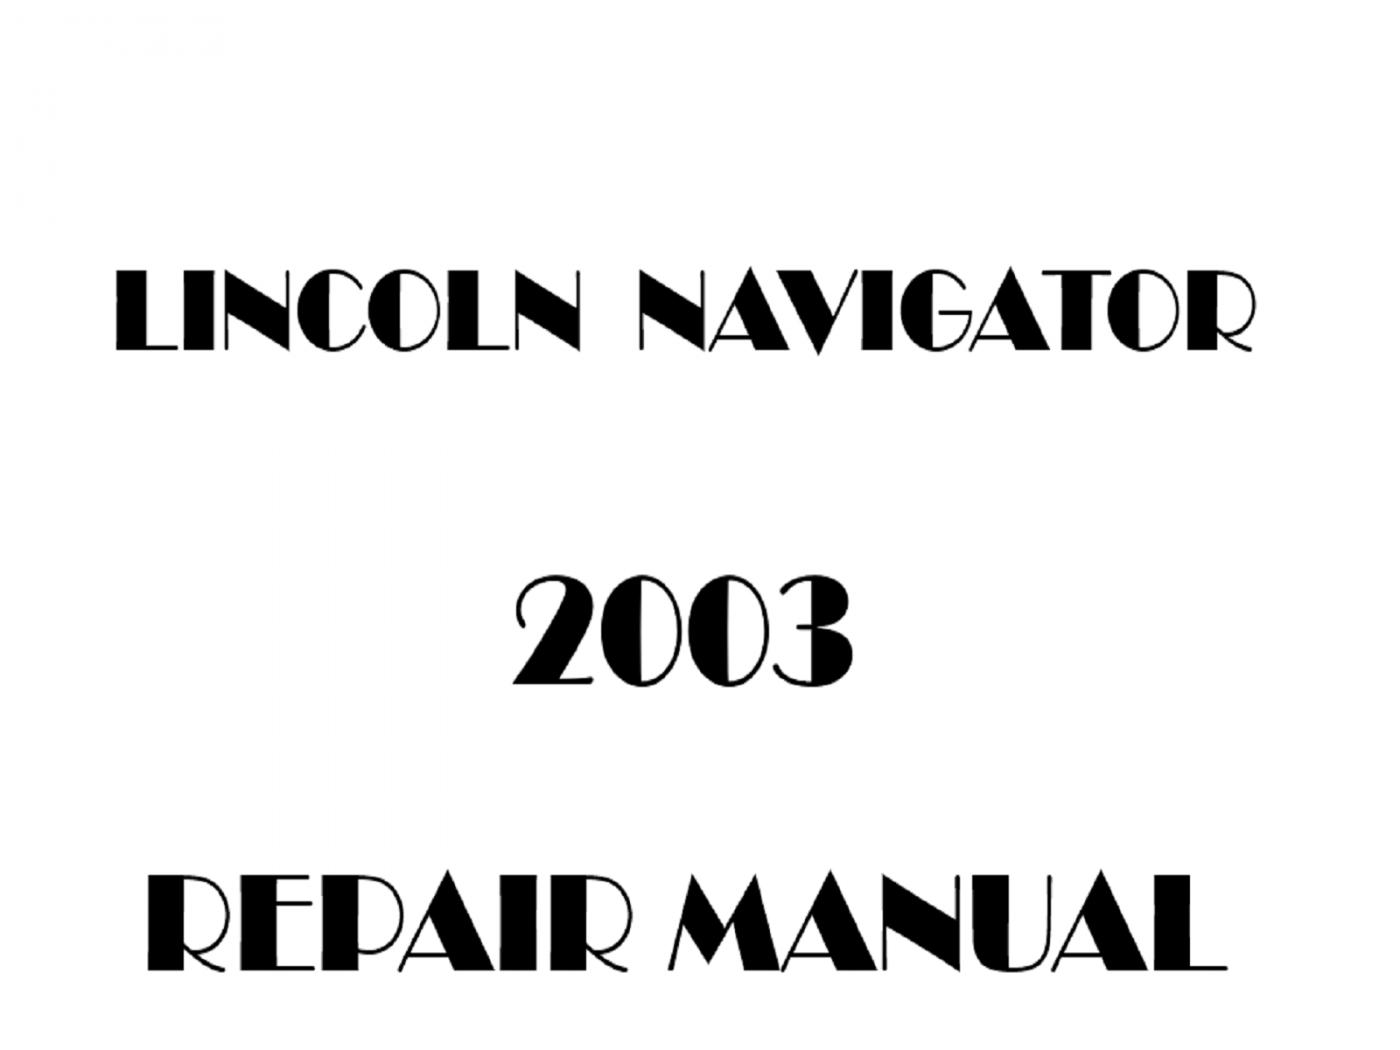 2003 Lincoln Navigator Repair Manual